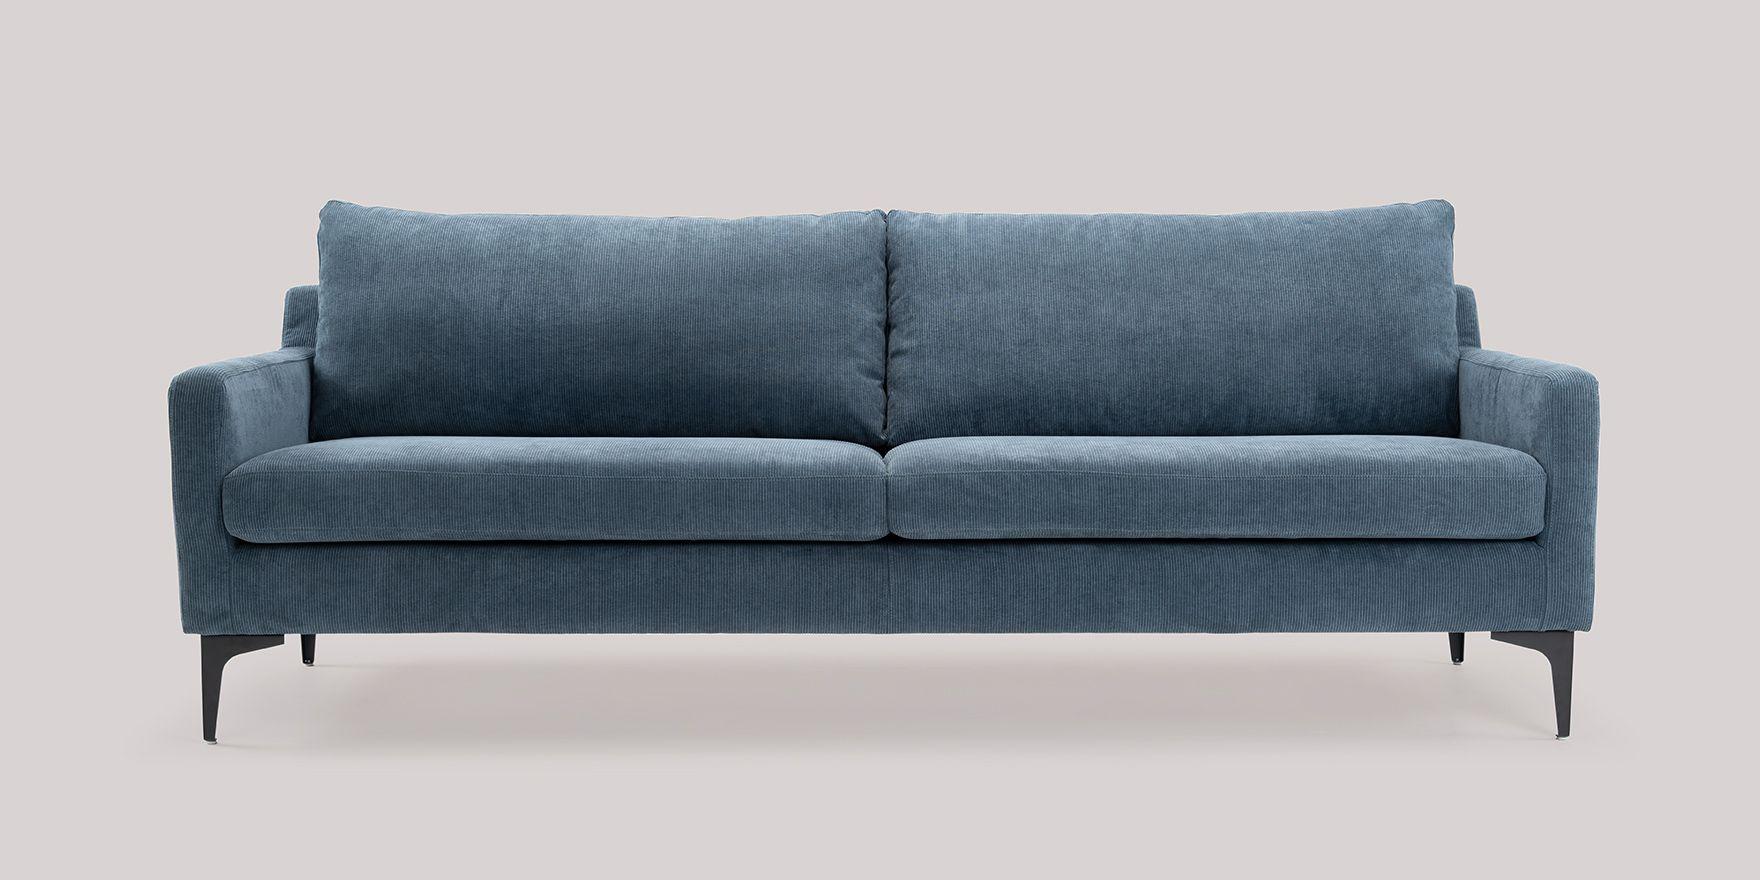 Full Size of Astha 3 Sitzer Sofa Aus Blauem Samtstoff Textil Polster Reinigen Blaues Elektrisch 2er Mit Relaxfunktion Kaufen Günstig Sofort Lieferbar Grünes Rahaus Rolf Sofa Sofa Konfigurator